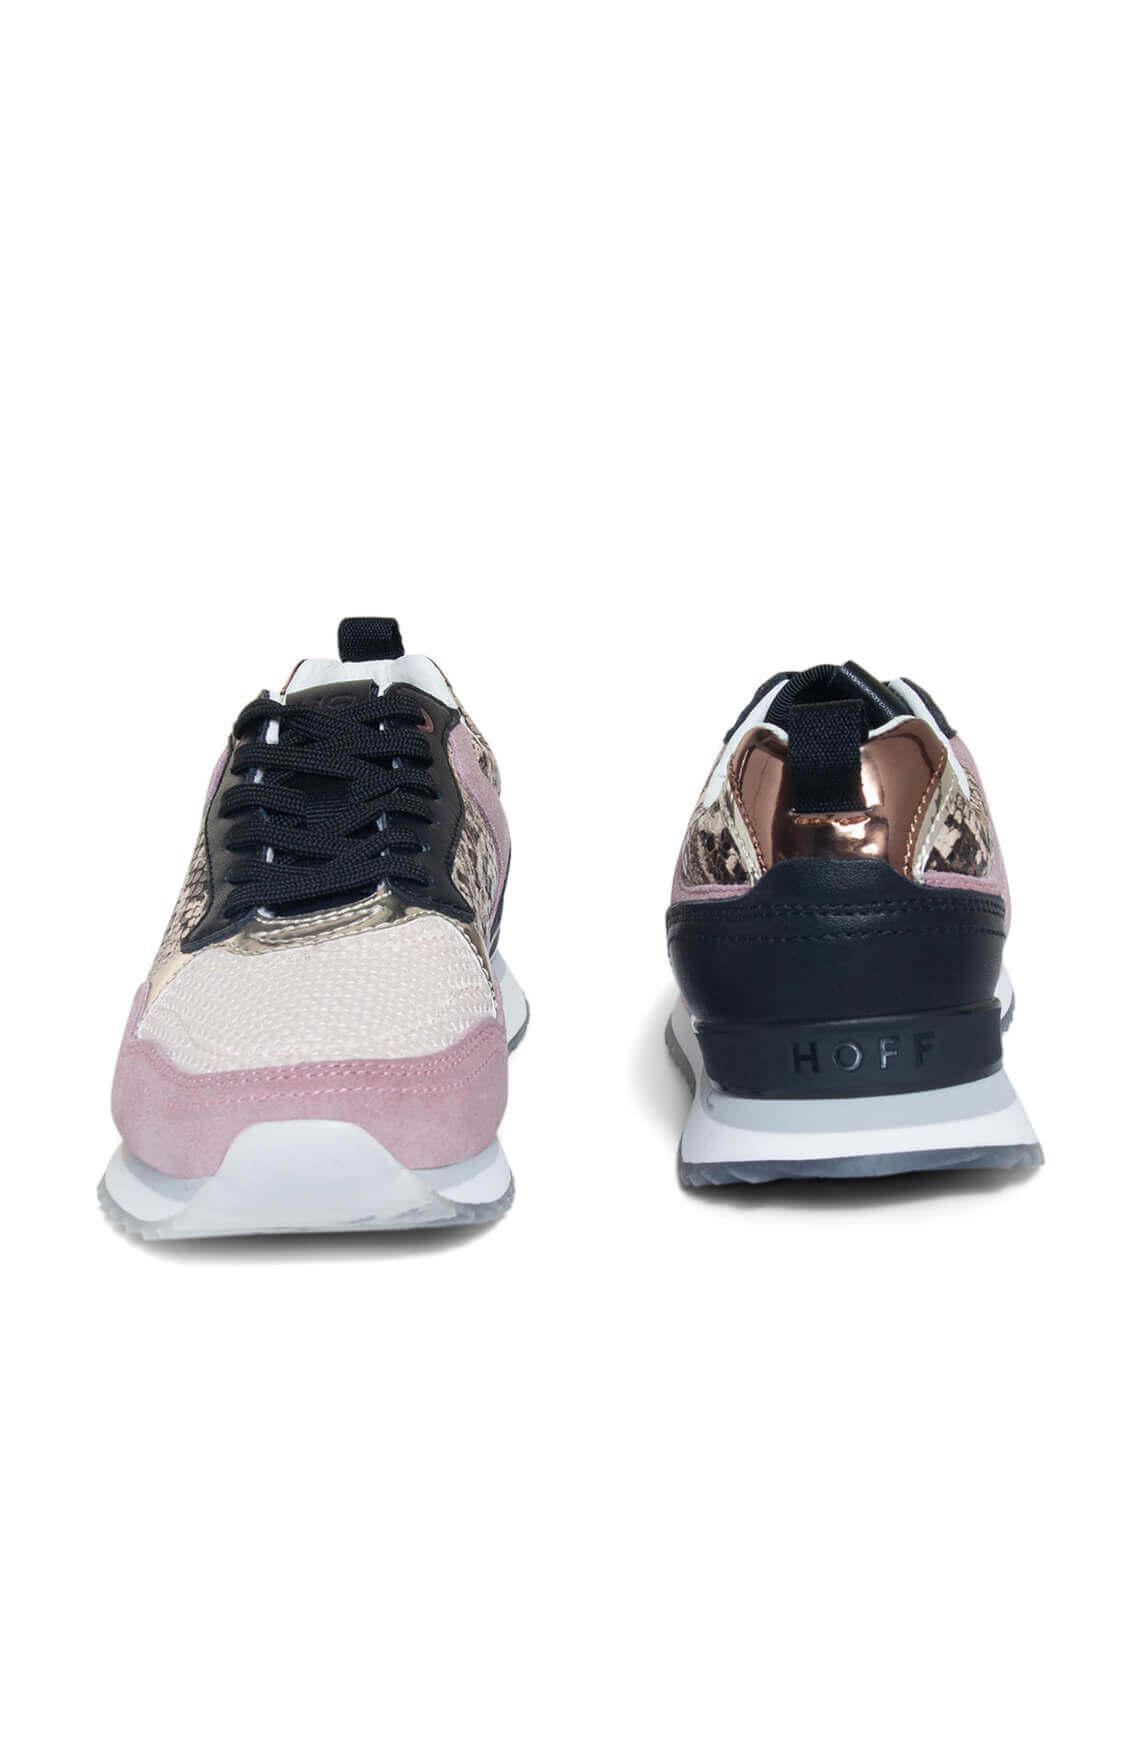 Hoff Dames Slangenprint sneaker roze